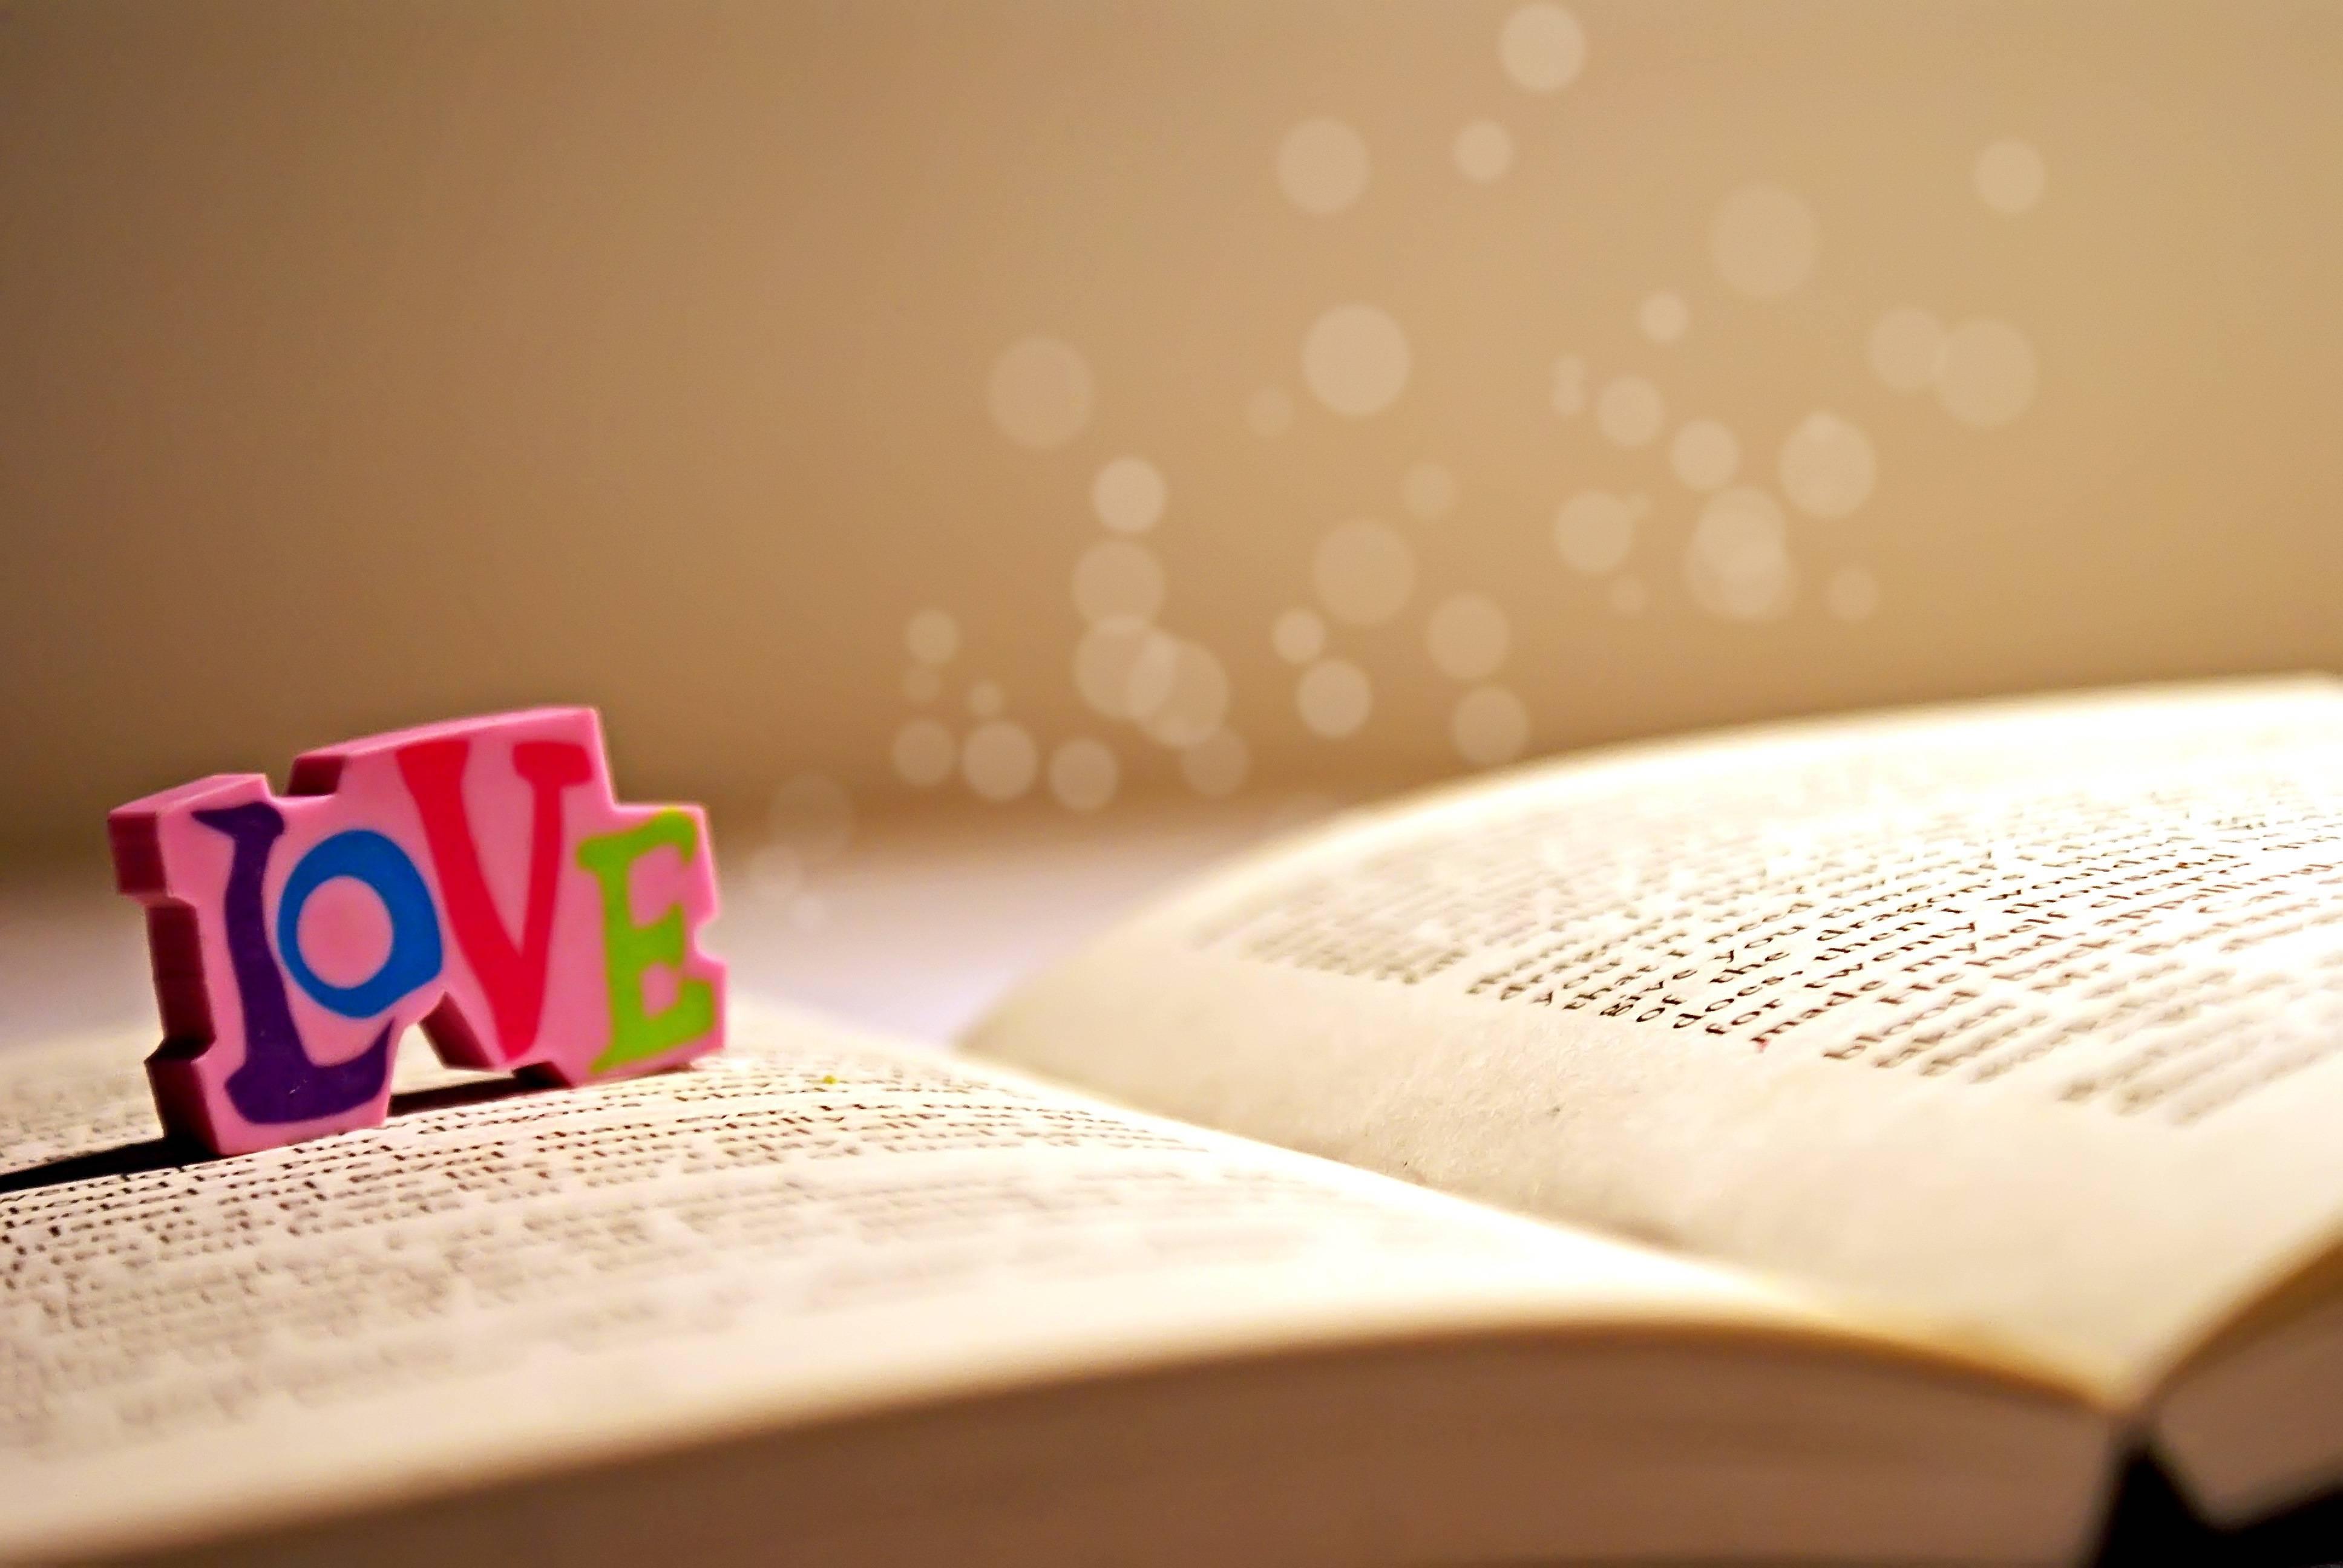 hình nền tình yêu dễ thương